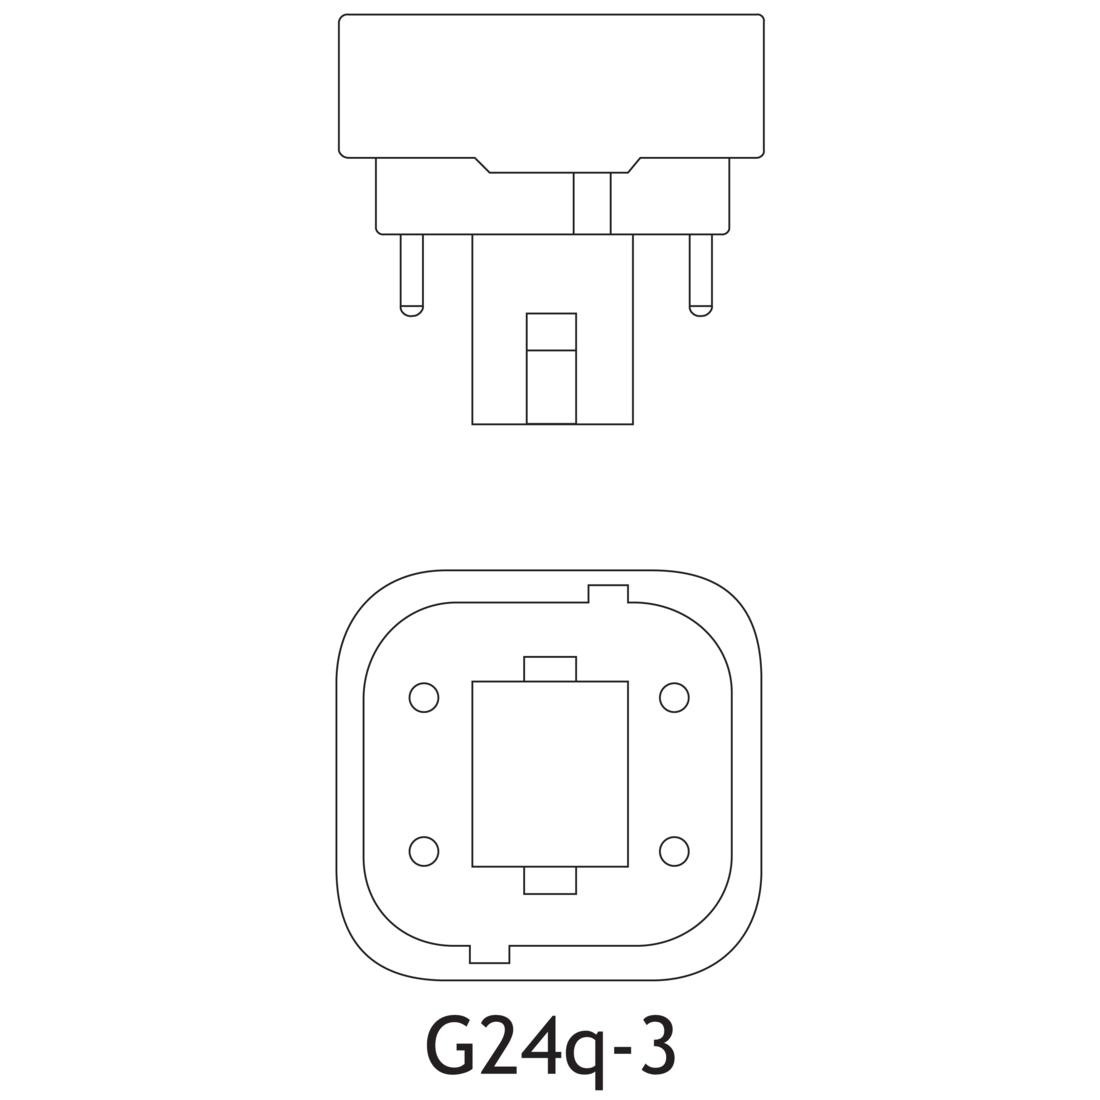 Ge F26dbx 841 Eco4p 26 Watt T4 Quad Tube Cfl K 82 Cri 4